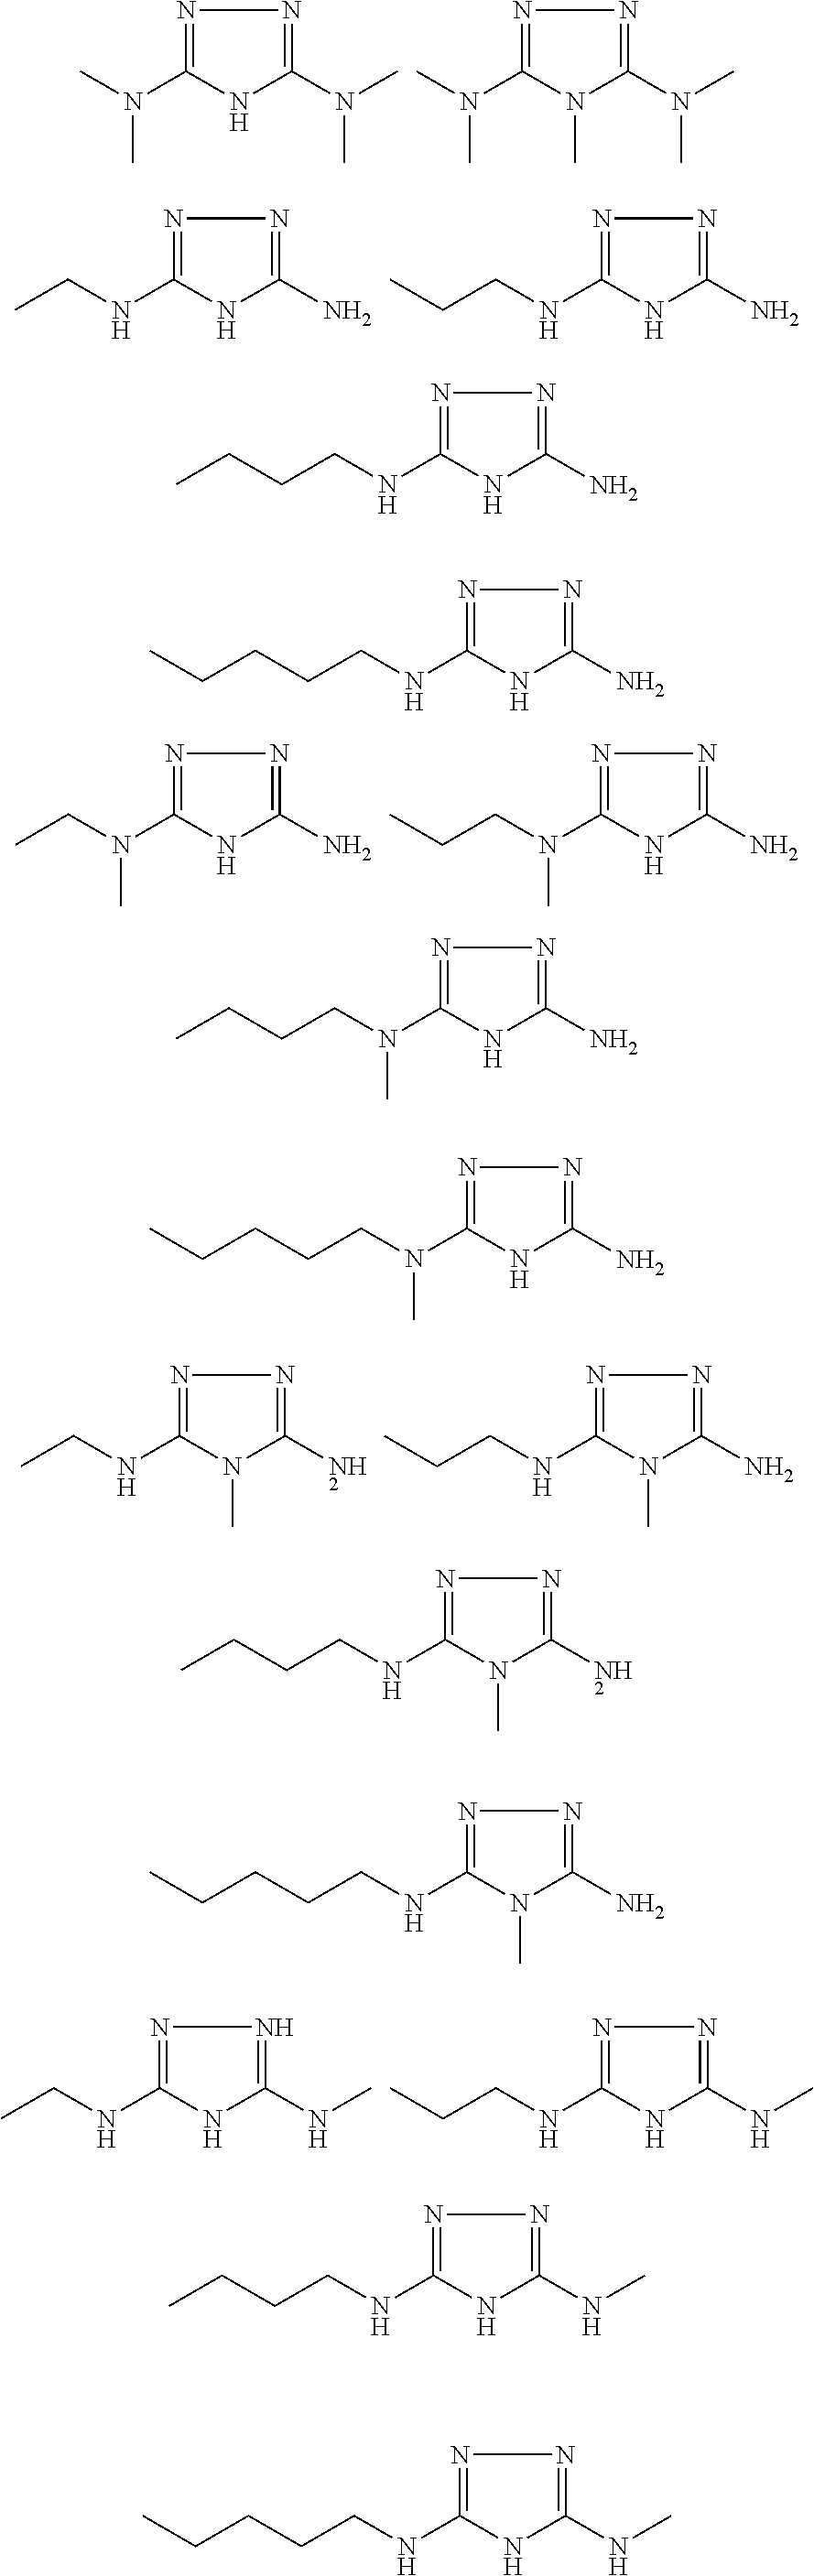 Figure US09480663-20161101-C00055